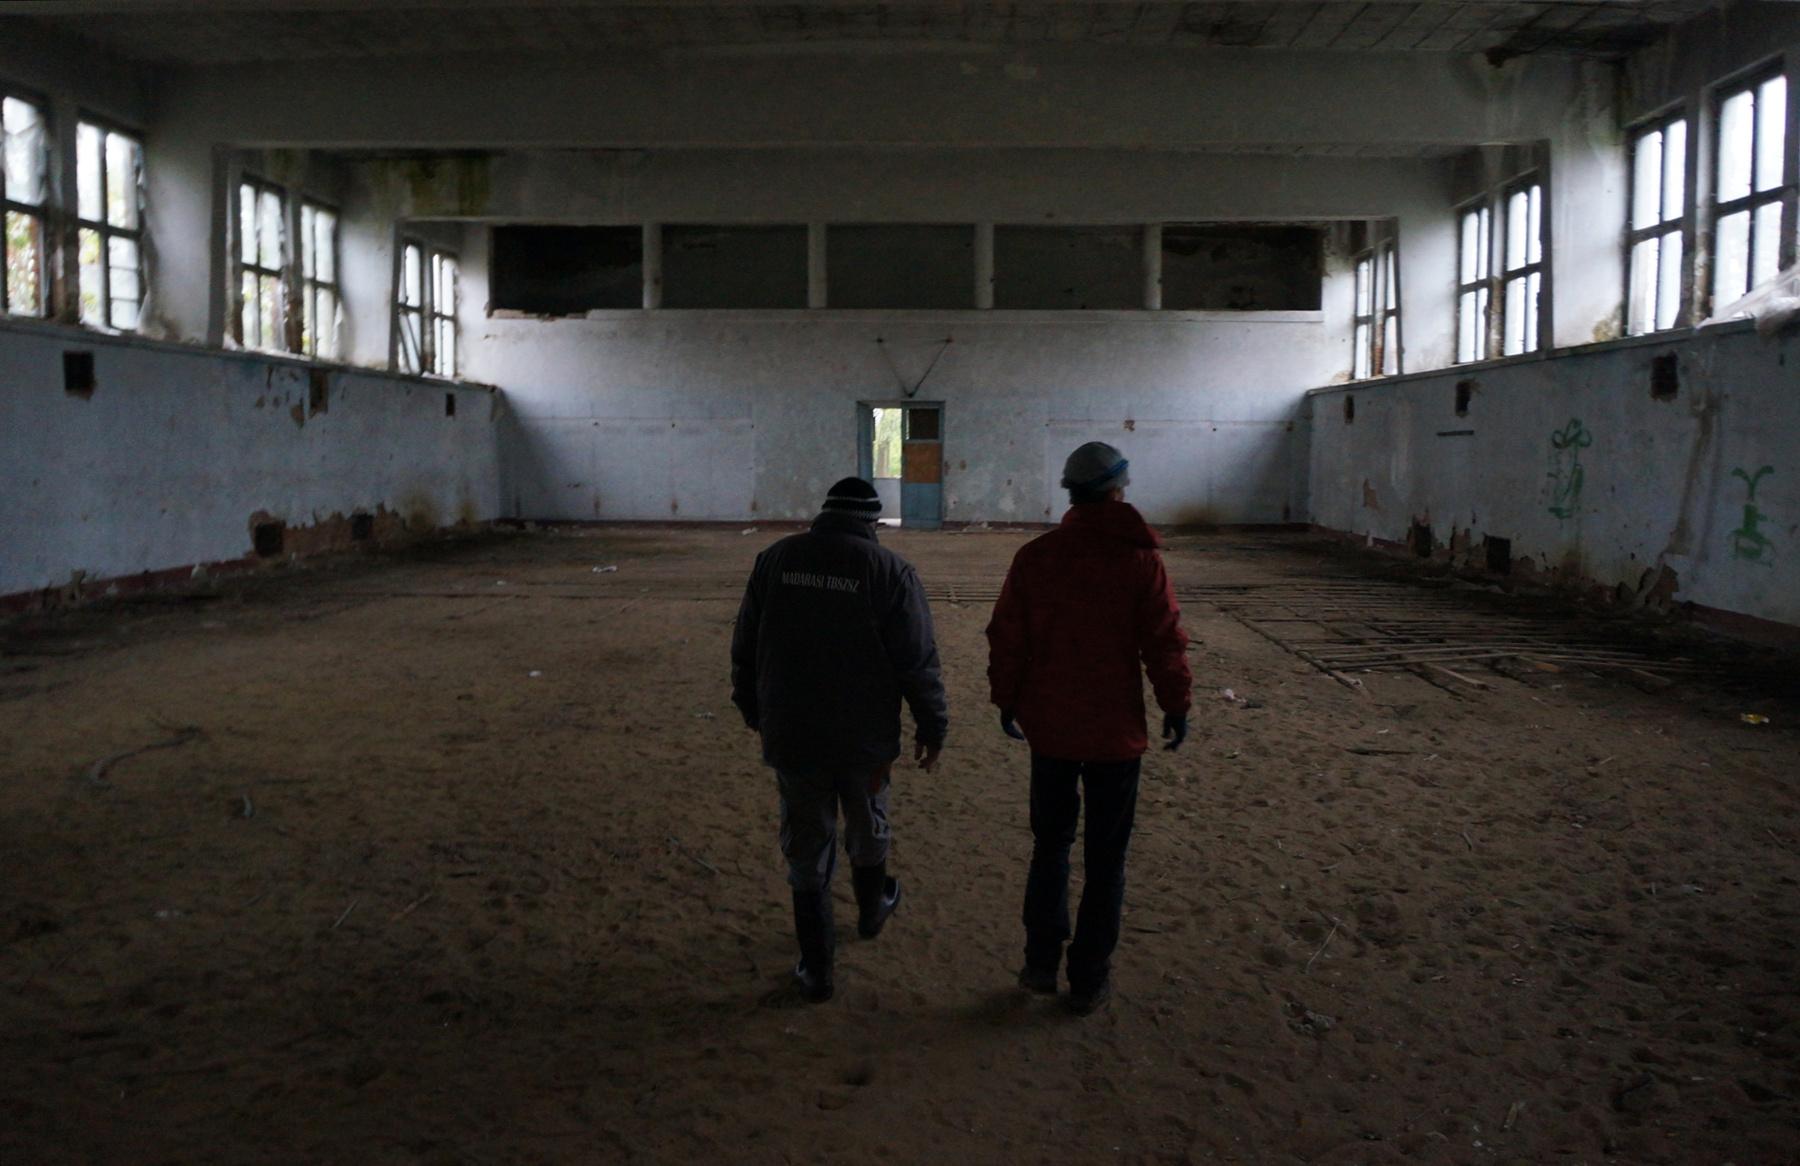 Az uszoda alagsorában a szellőztető- és klimatizáló, valamint egyéb berendezéseket találjuk. Hazai cégek szállították őket.